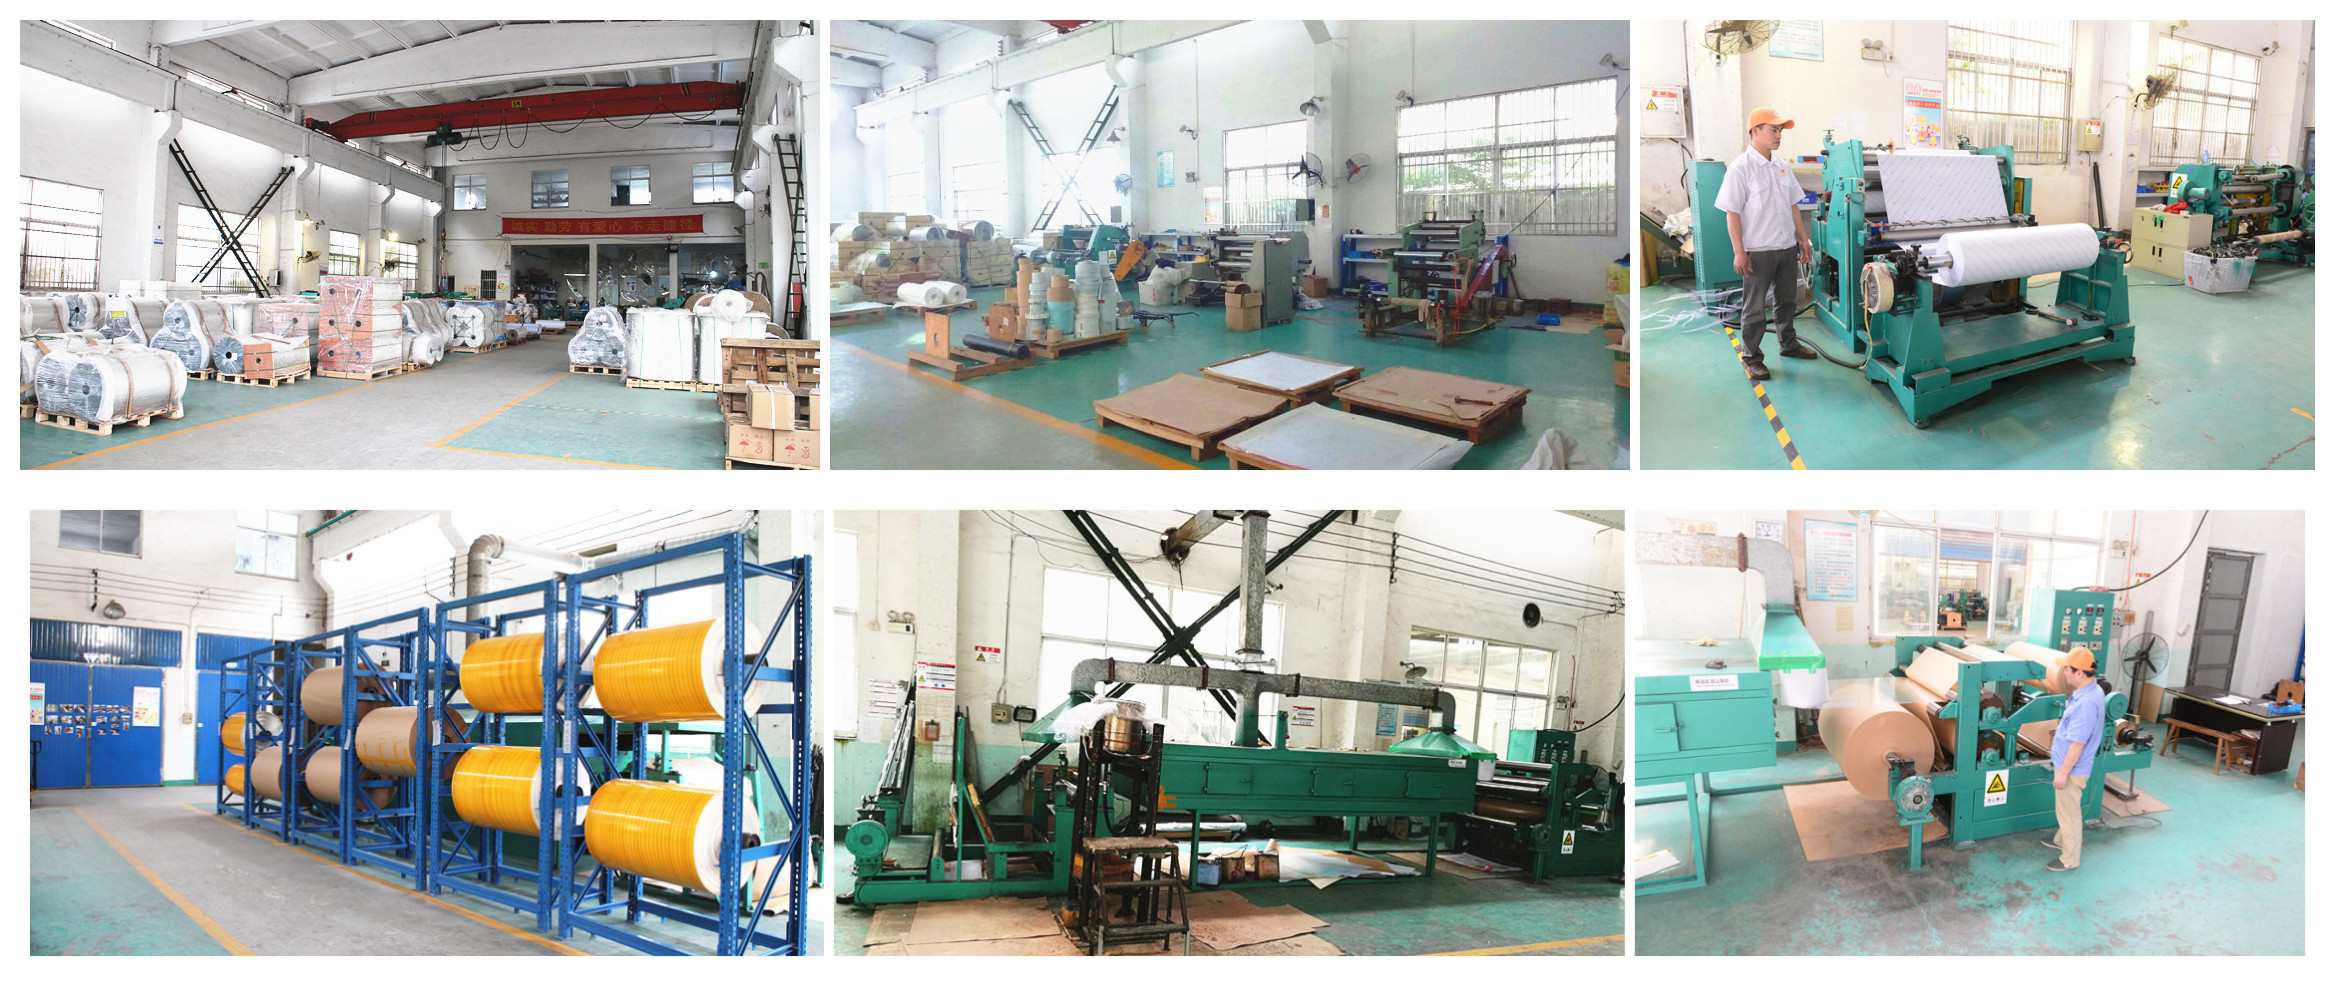 工厂.jpg